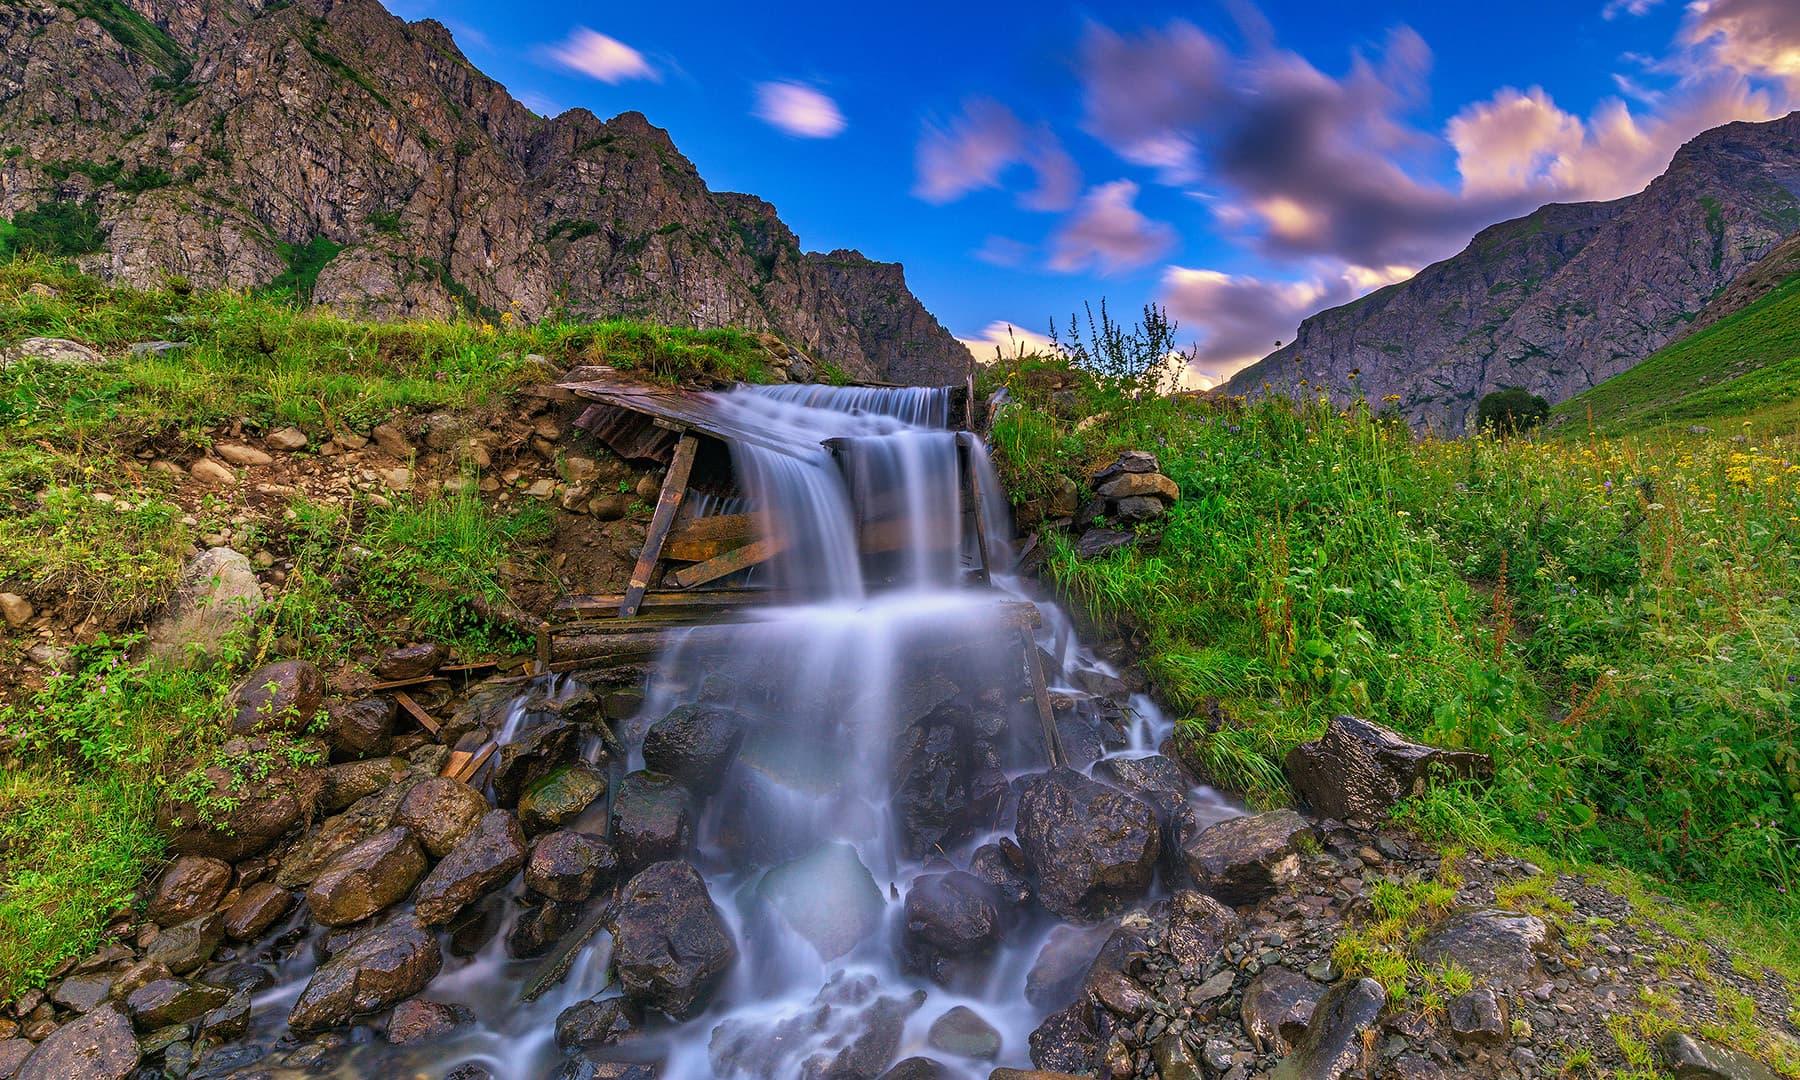 ڈومیل میں آبشار